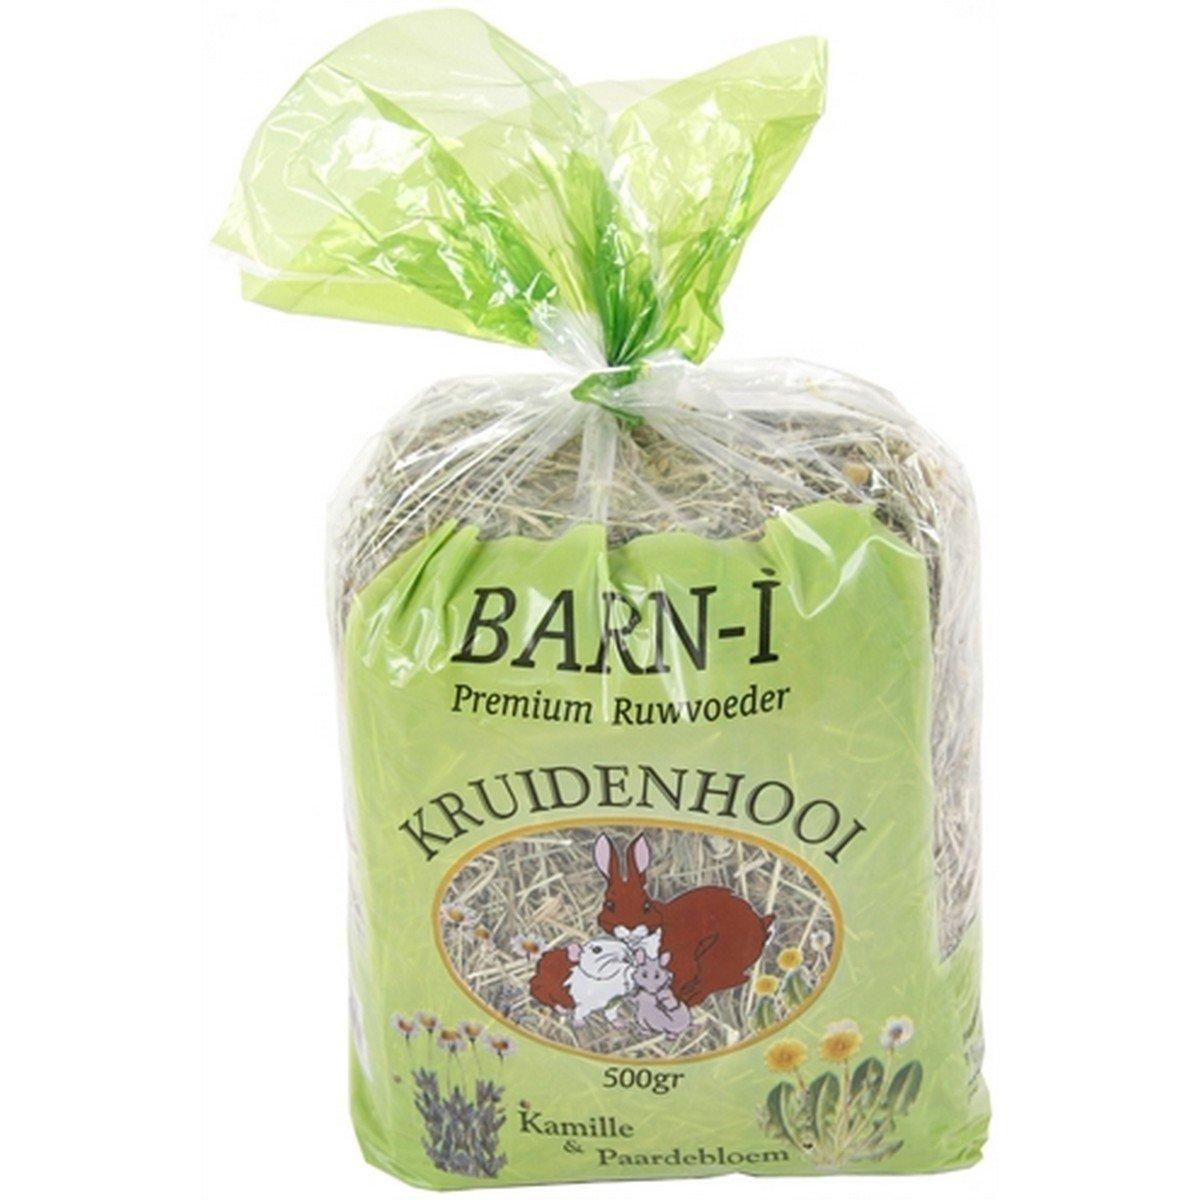 Afbeelding van Barn i Kruidenhooi Kamille/paardenbloem 500 Gr